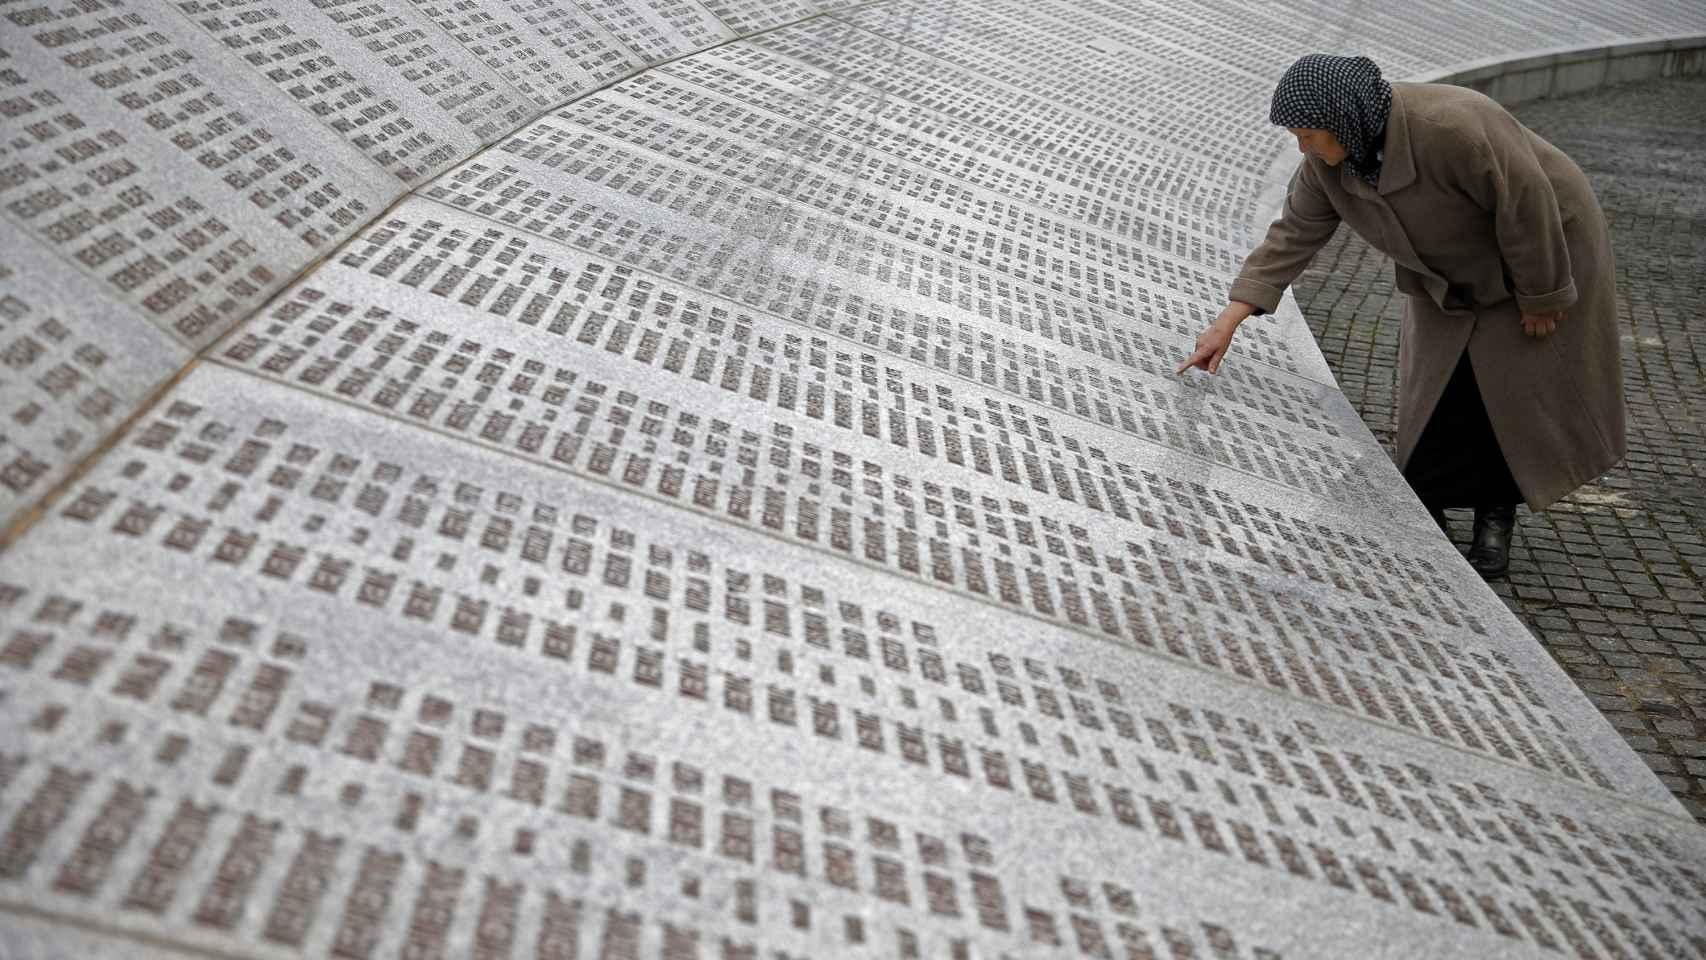 Una mujer busca entre los nombres de los muertos en Srebrenica.